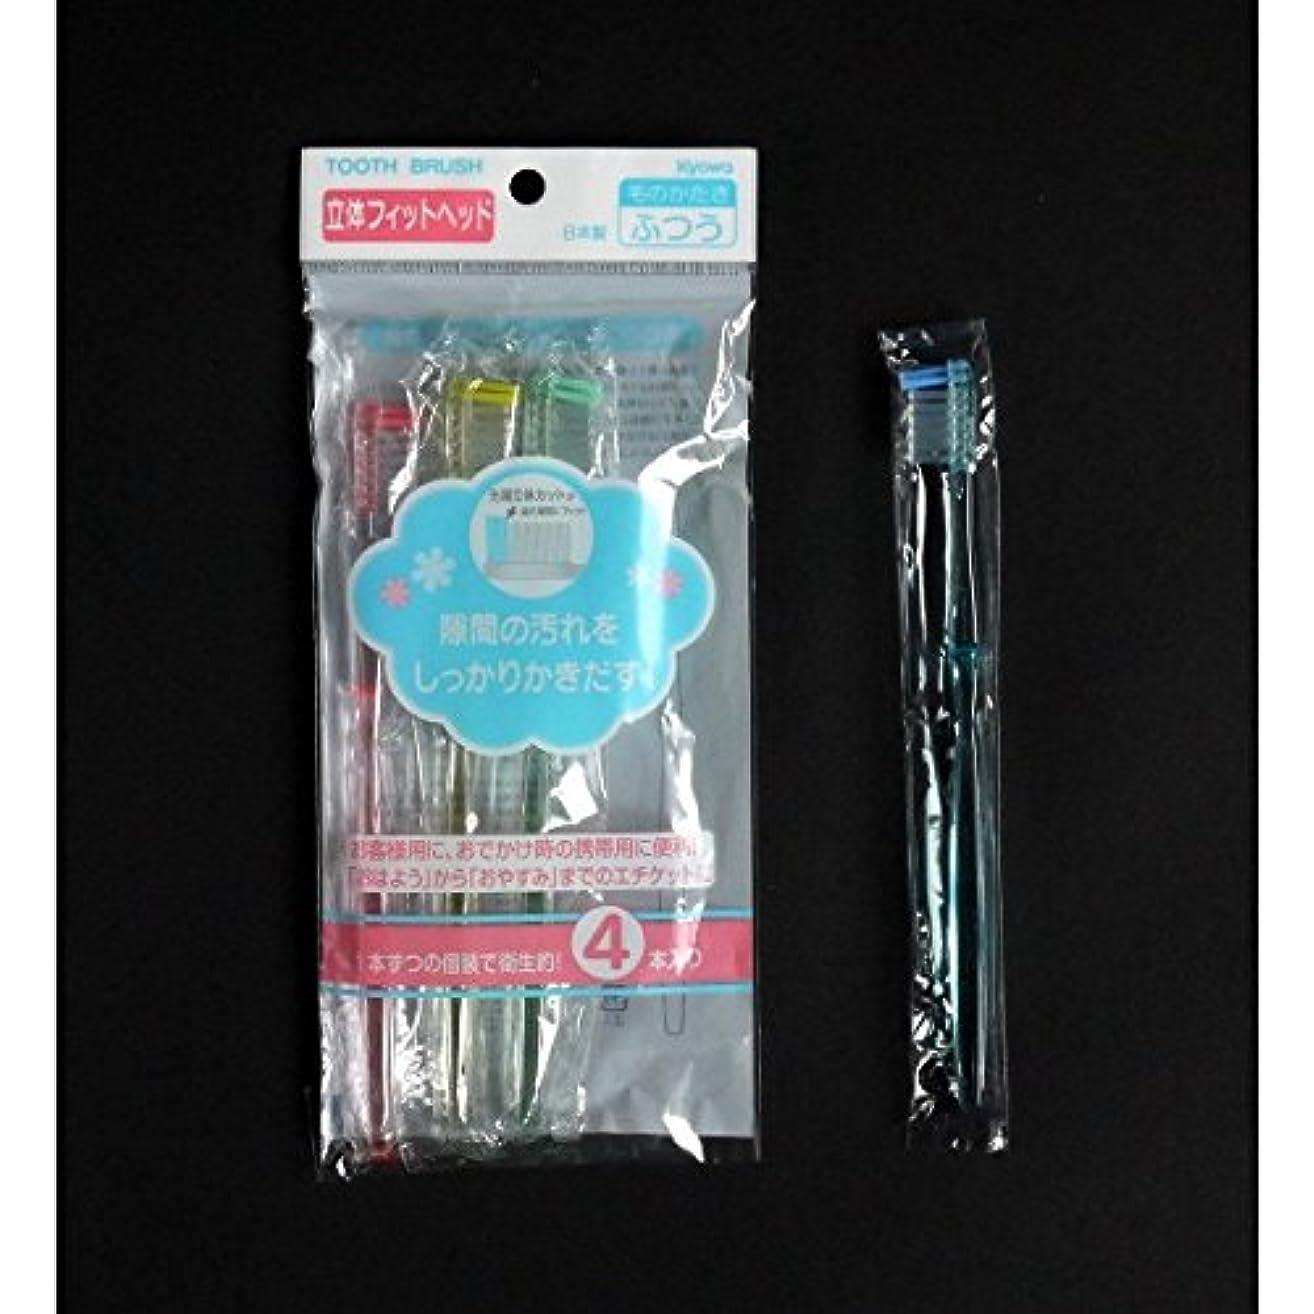 膨らみ渇き実験をする歯ブラシ ふつう 立体フィットヘッド 4本入